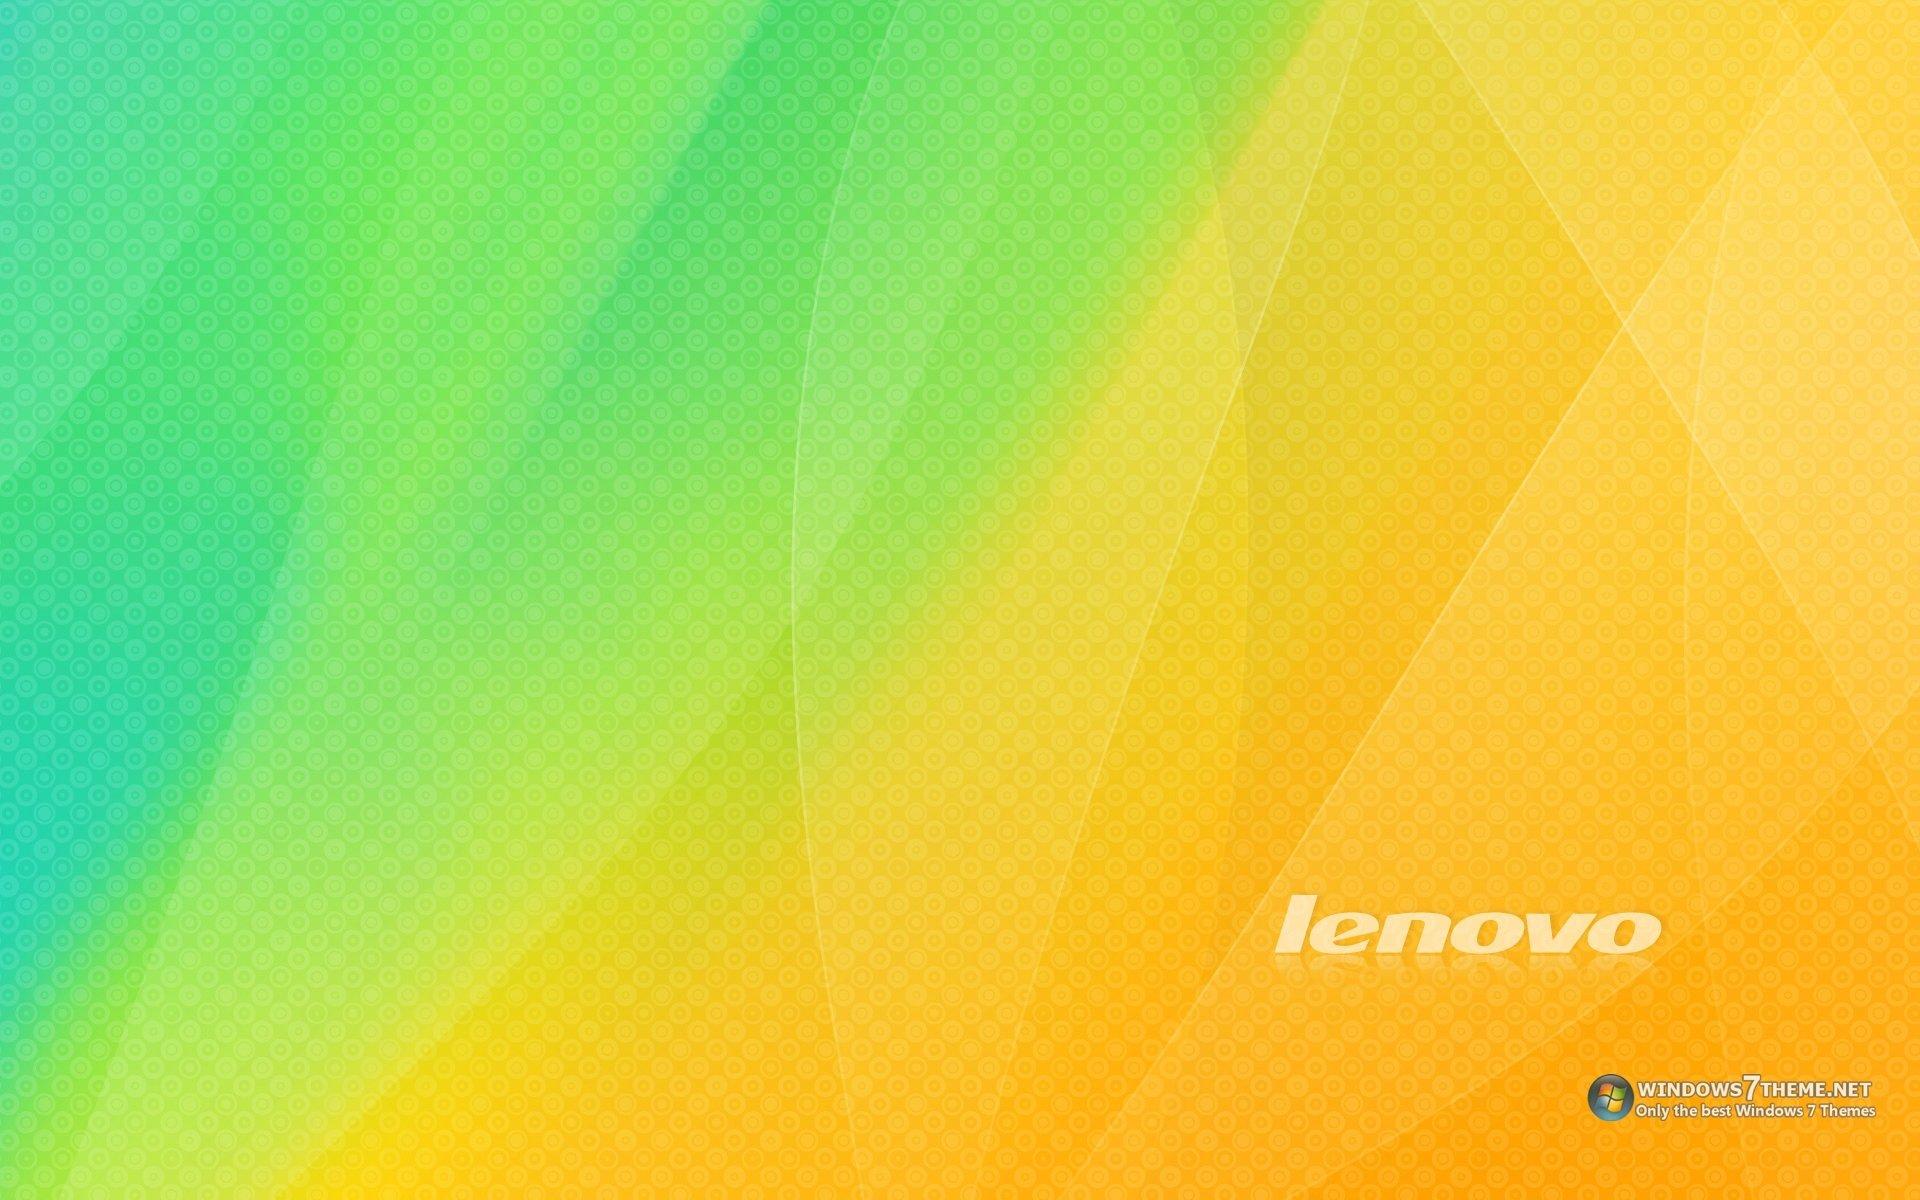 Lenovo Wallpapers Cute: Official Lenovo Wallpaper